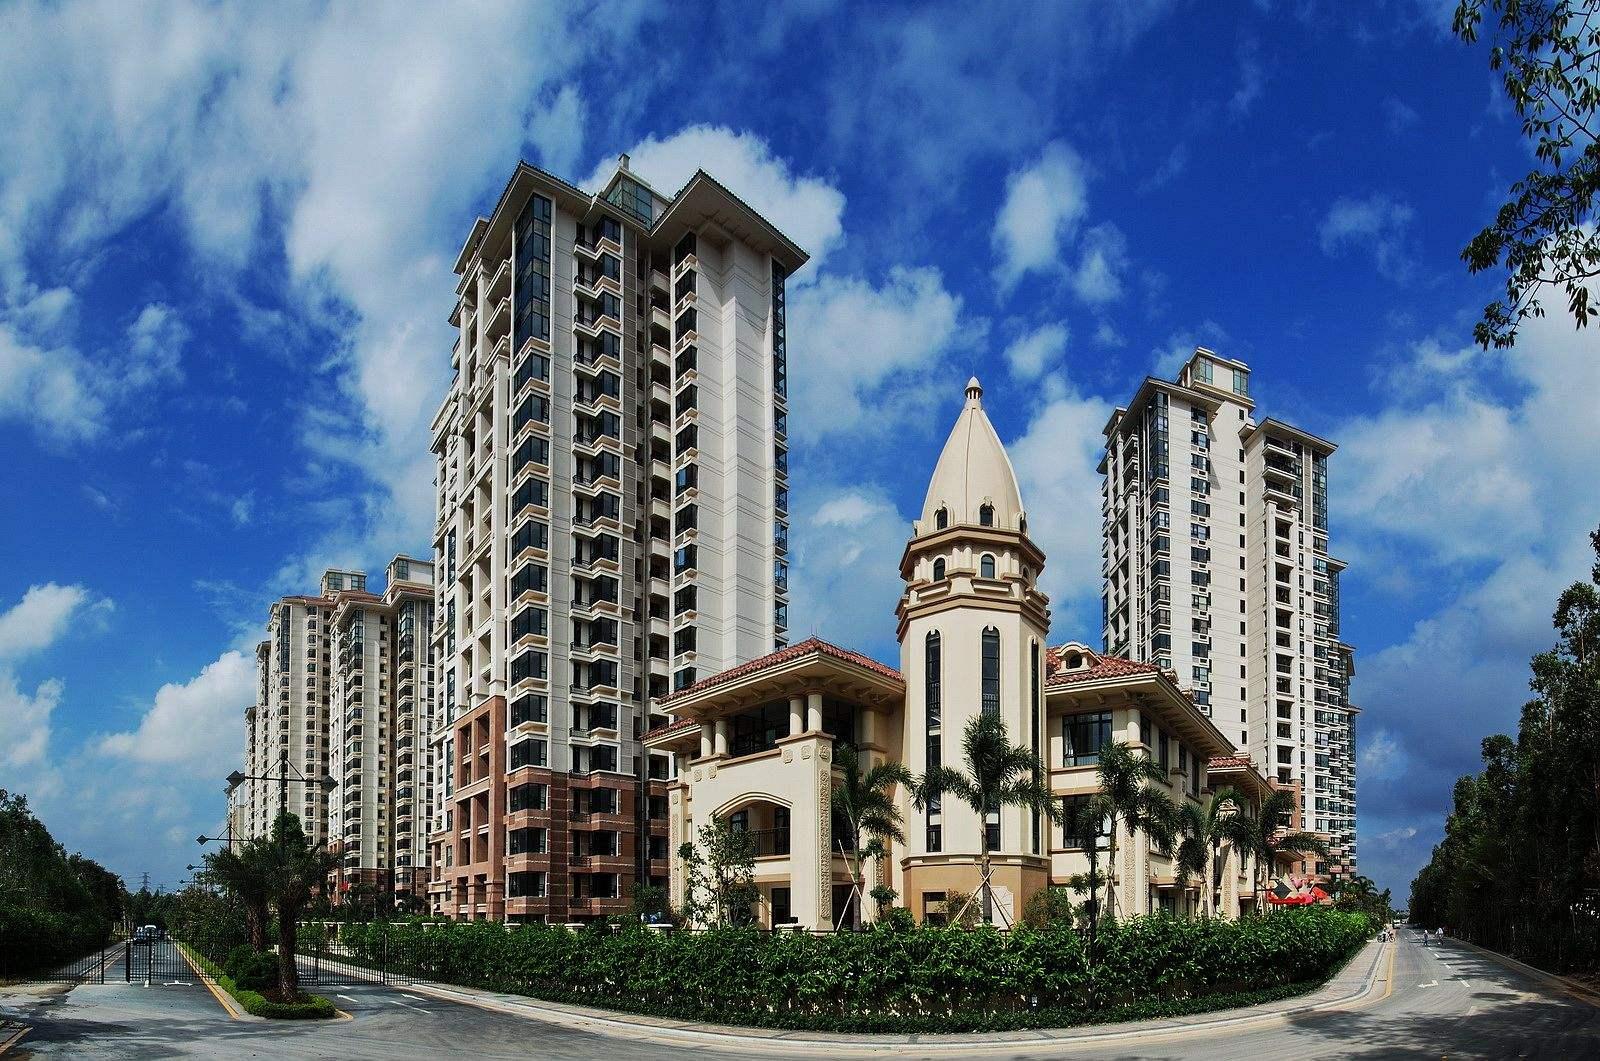 房贷利率一般是多少?贷款买房注意哪些事项?